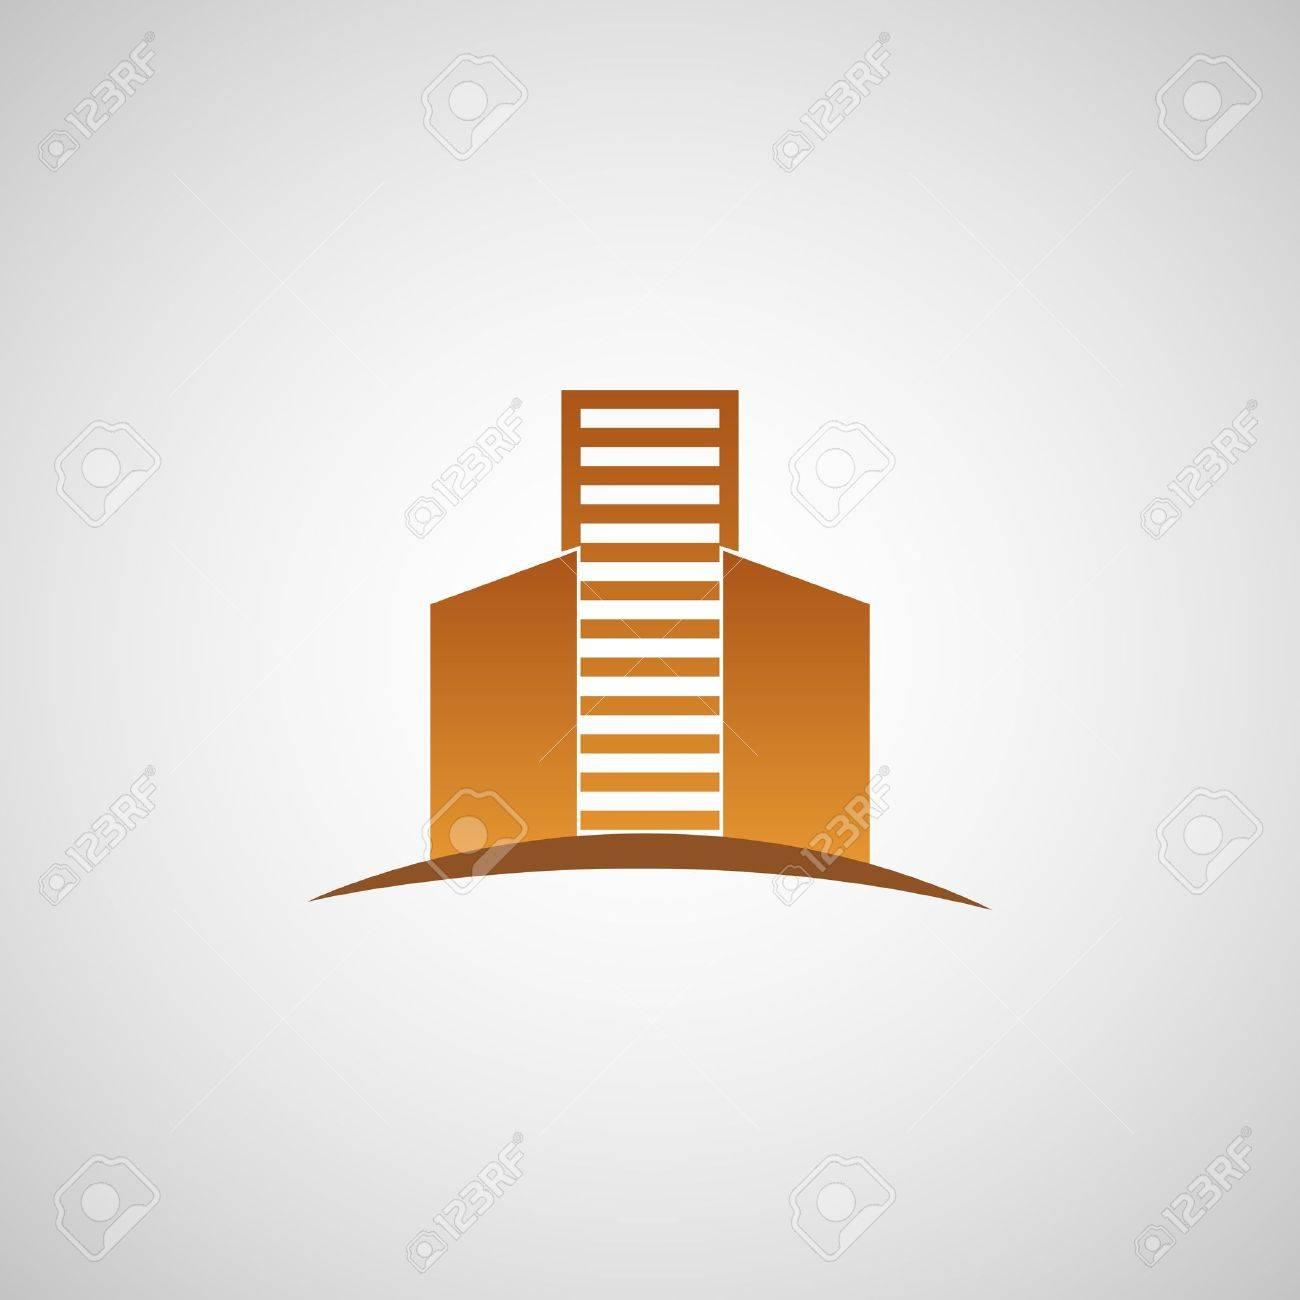 Real estate logo work Stock Vector - 17418141